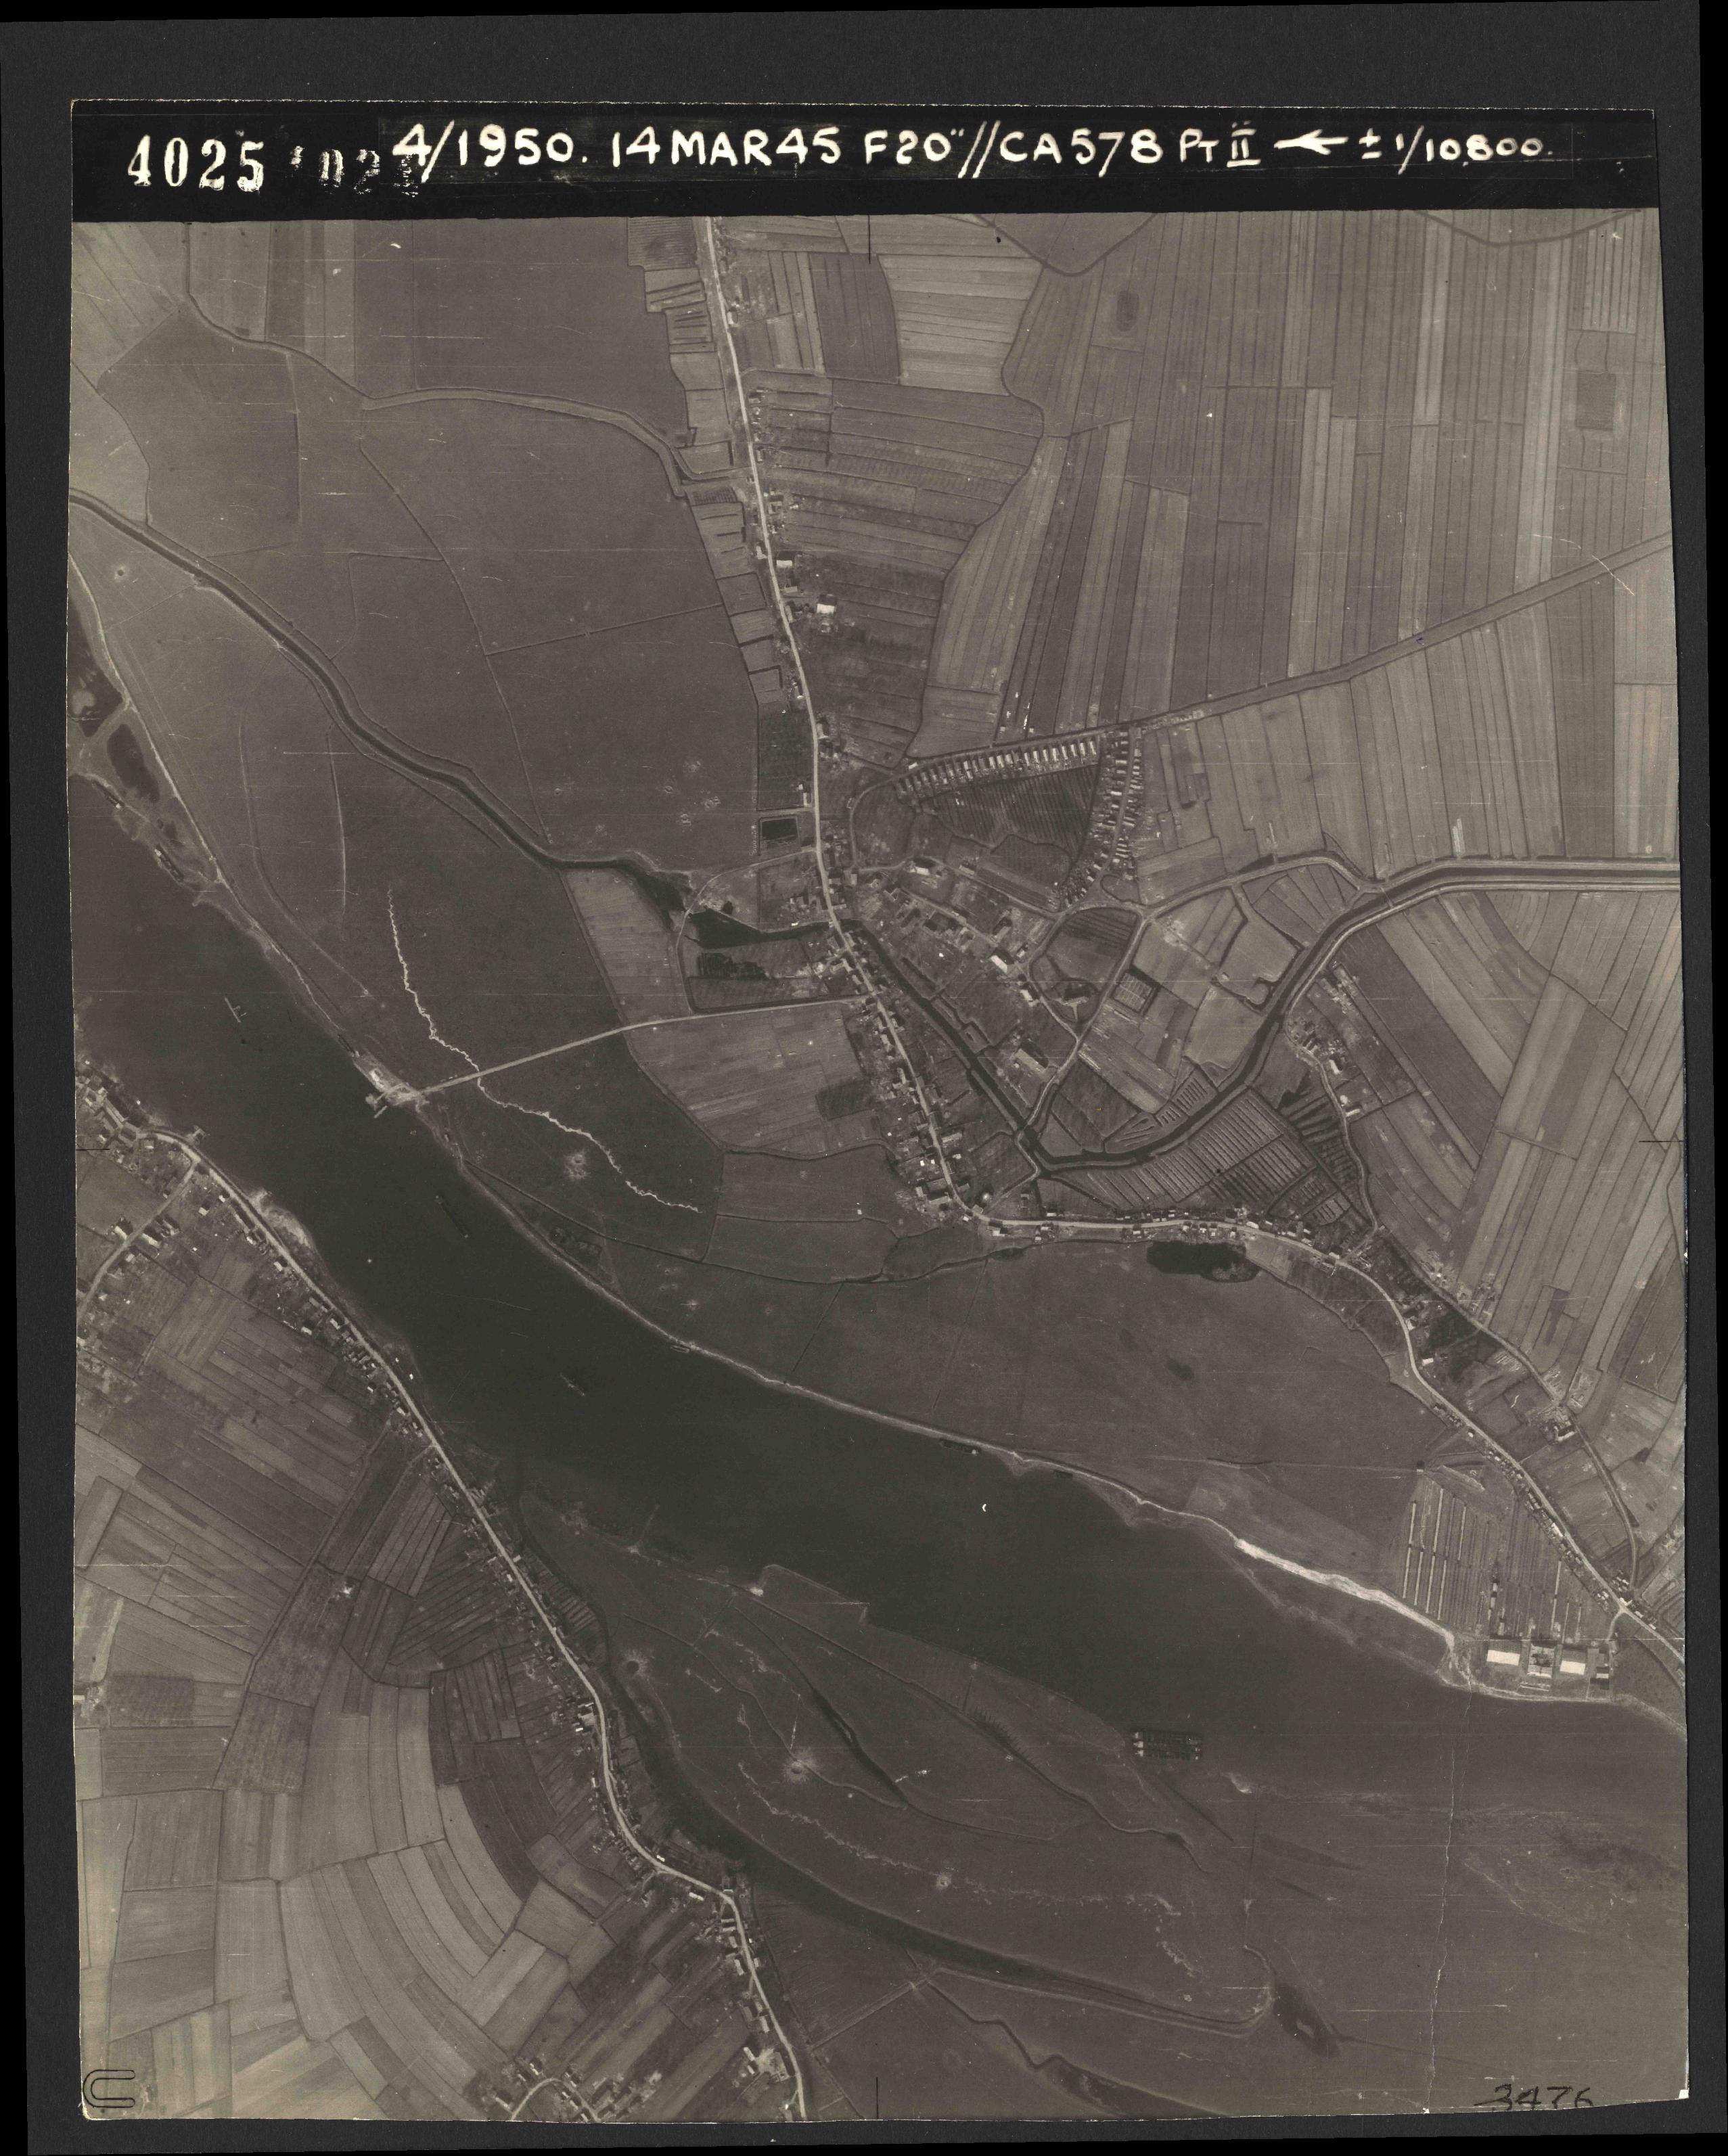 Collection RAF aerial photos 1940-1945 - flight 010, run 02, photo 4025